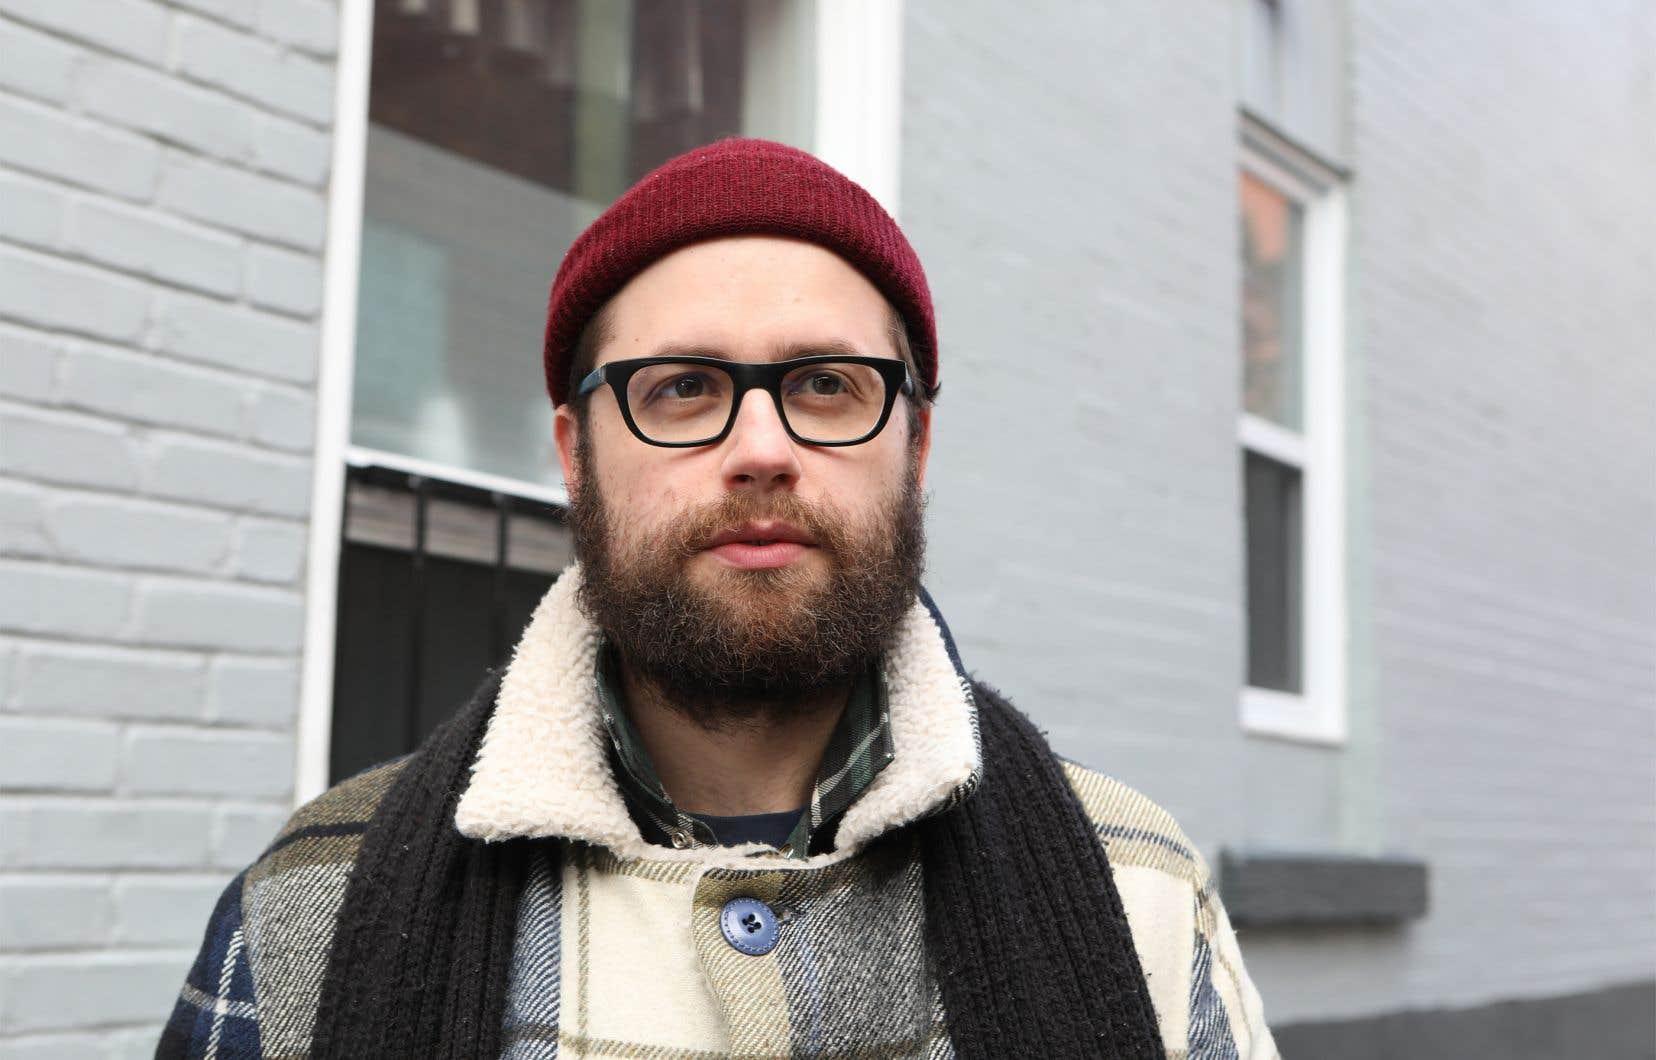 Dans«L'apocalypse durable, pamphlet à l'usage des écoanxieux pour radicaliser leur famille», l'humoriste québécois Fred Dubé, âgé de 36 ans, se sert de l'humour et de la poésie comme arme militante pour éveiller les consciences écologiques.